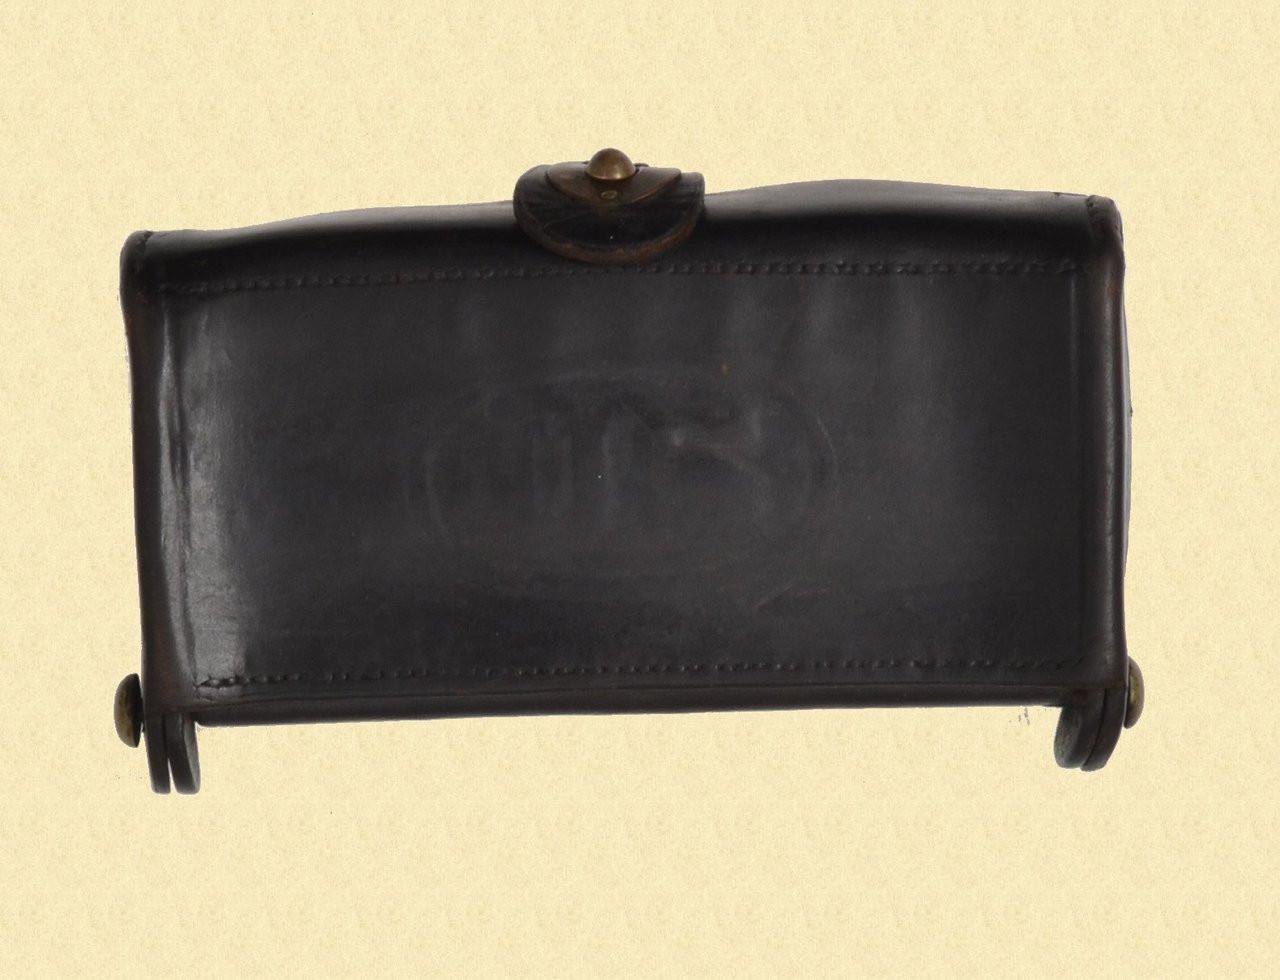 U.S. 1st TYPE MCKEEVER BOX - C41457